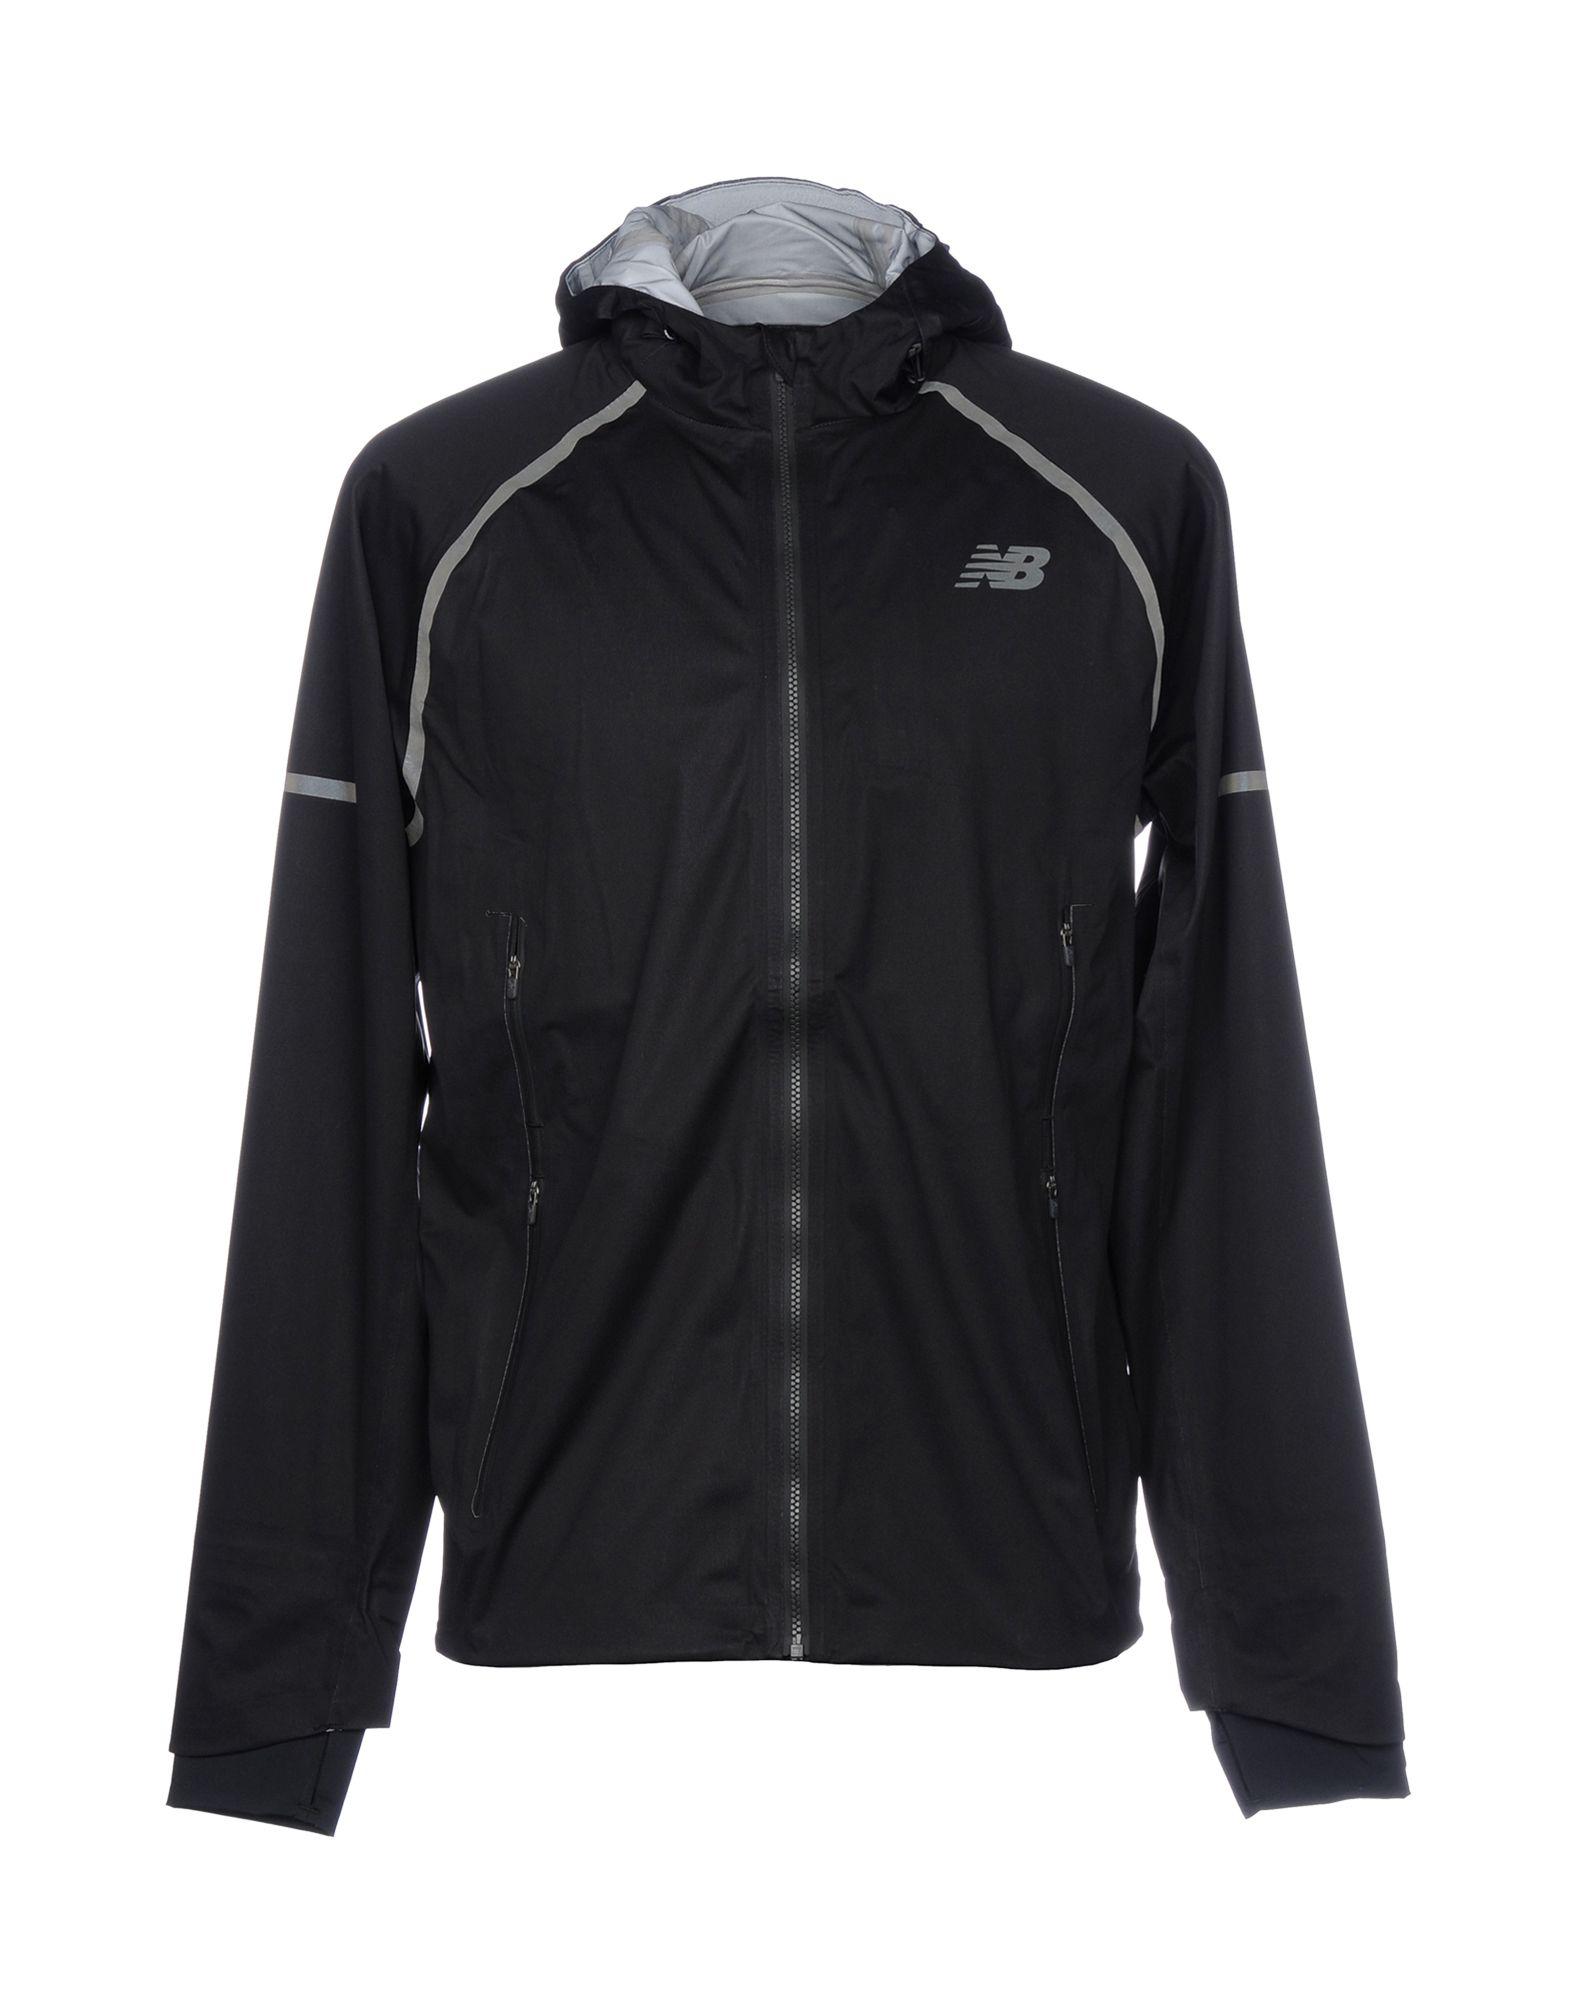 cd035c5858e24 ニューバランス(NEW BALANCE) メンズジャケット・アウター | 通販・人気 ...